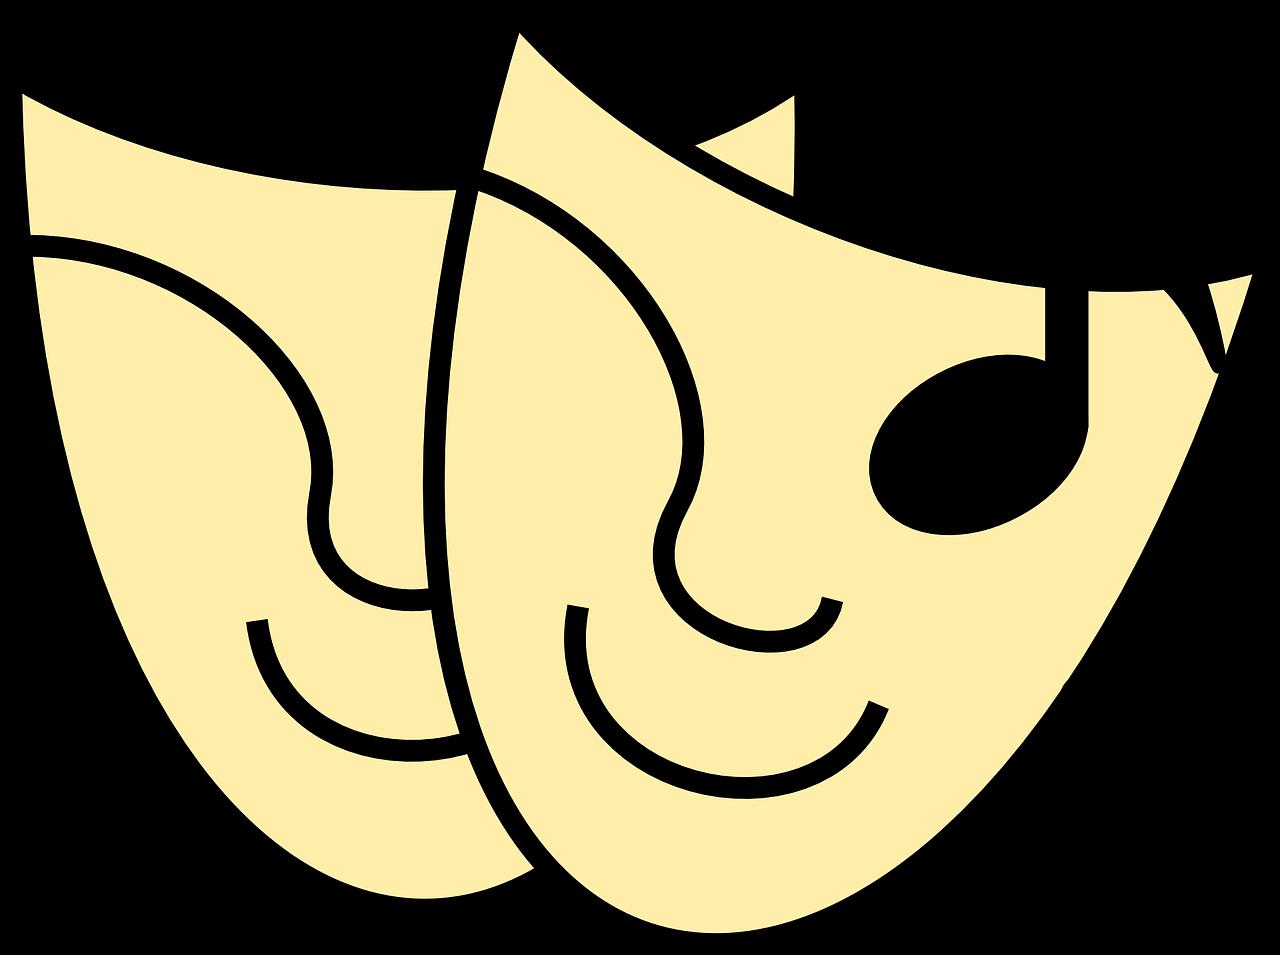 Teatro Calcetín Y Buskin Tragedia - Gráficos vectoriales gratis en Pixabay